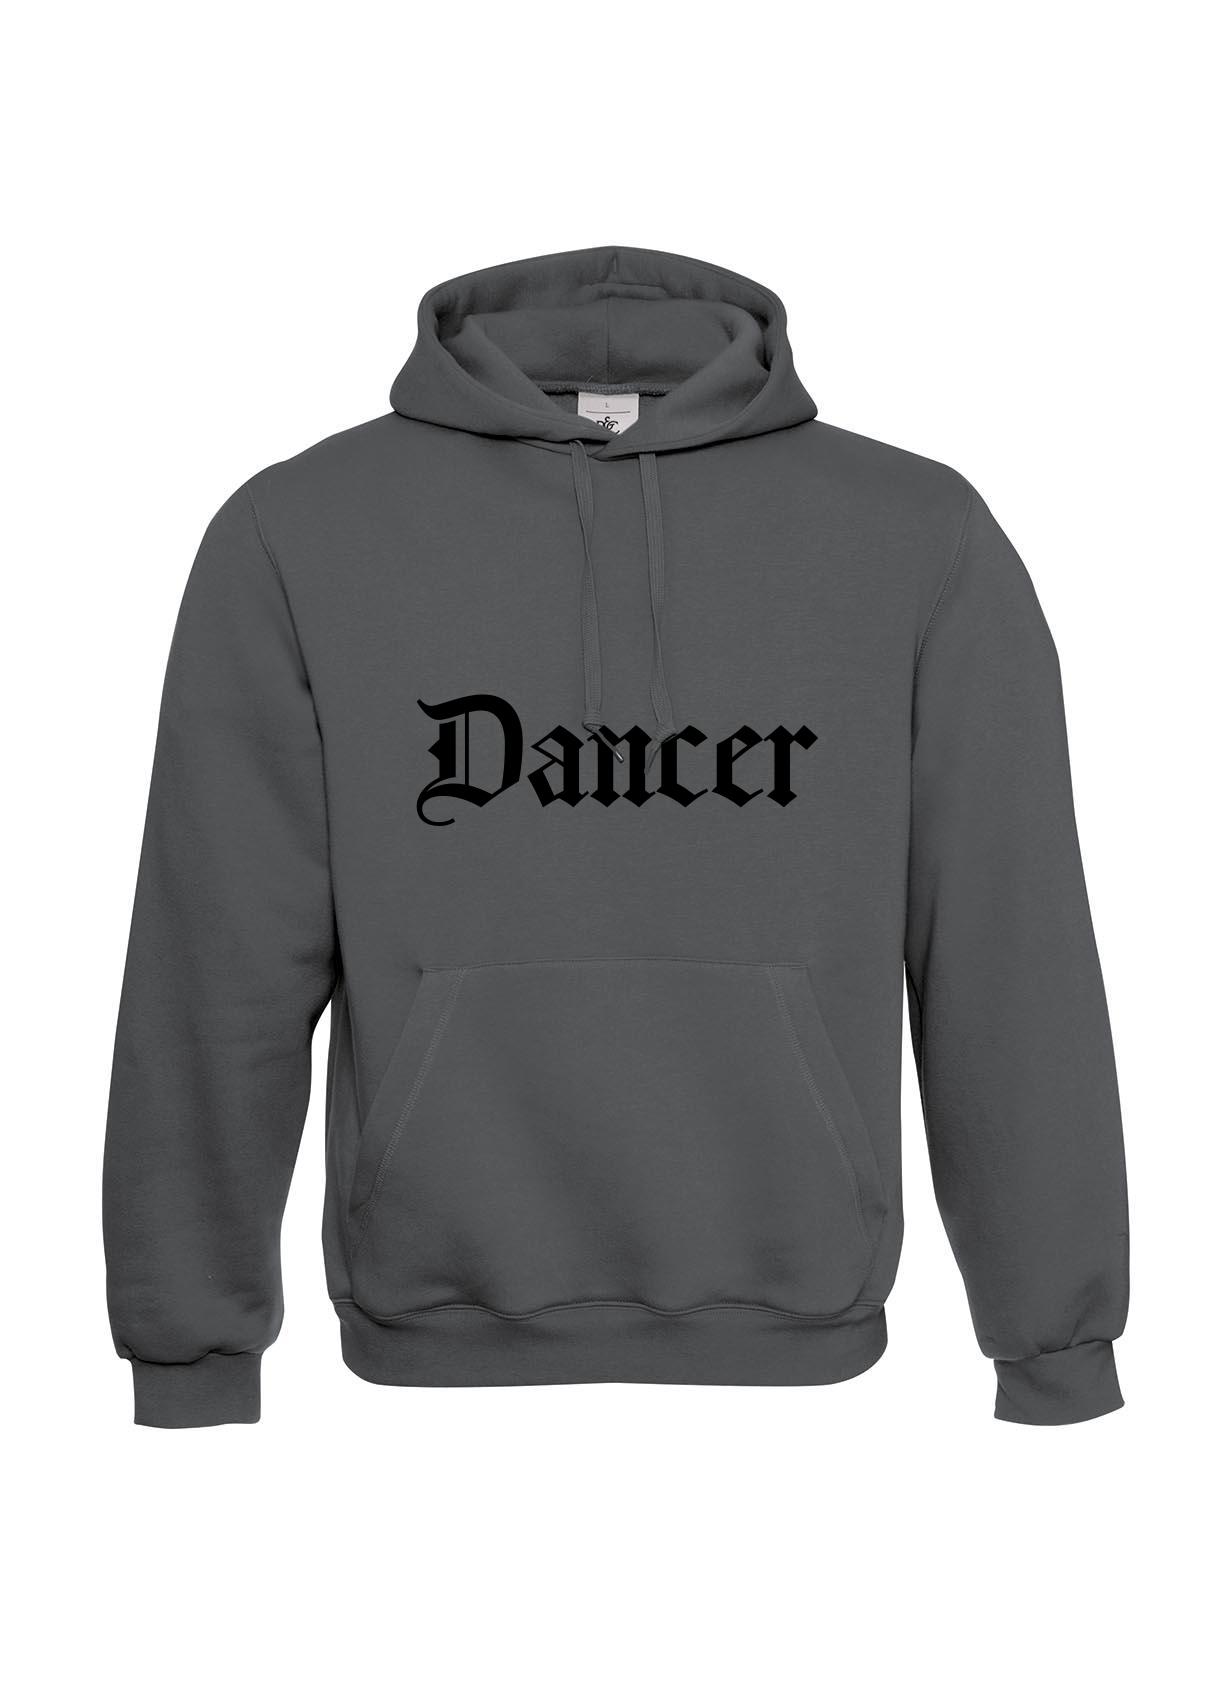 DANCER HOODIE - GREY